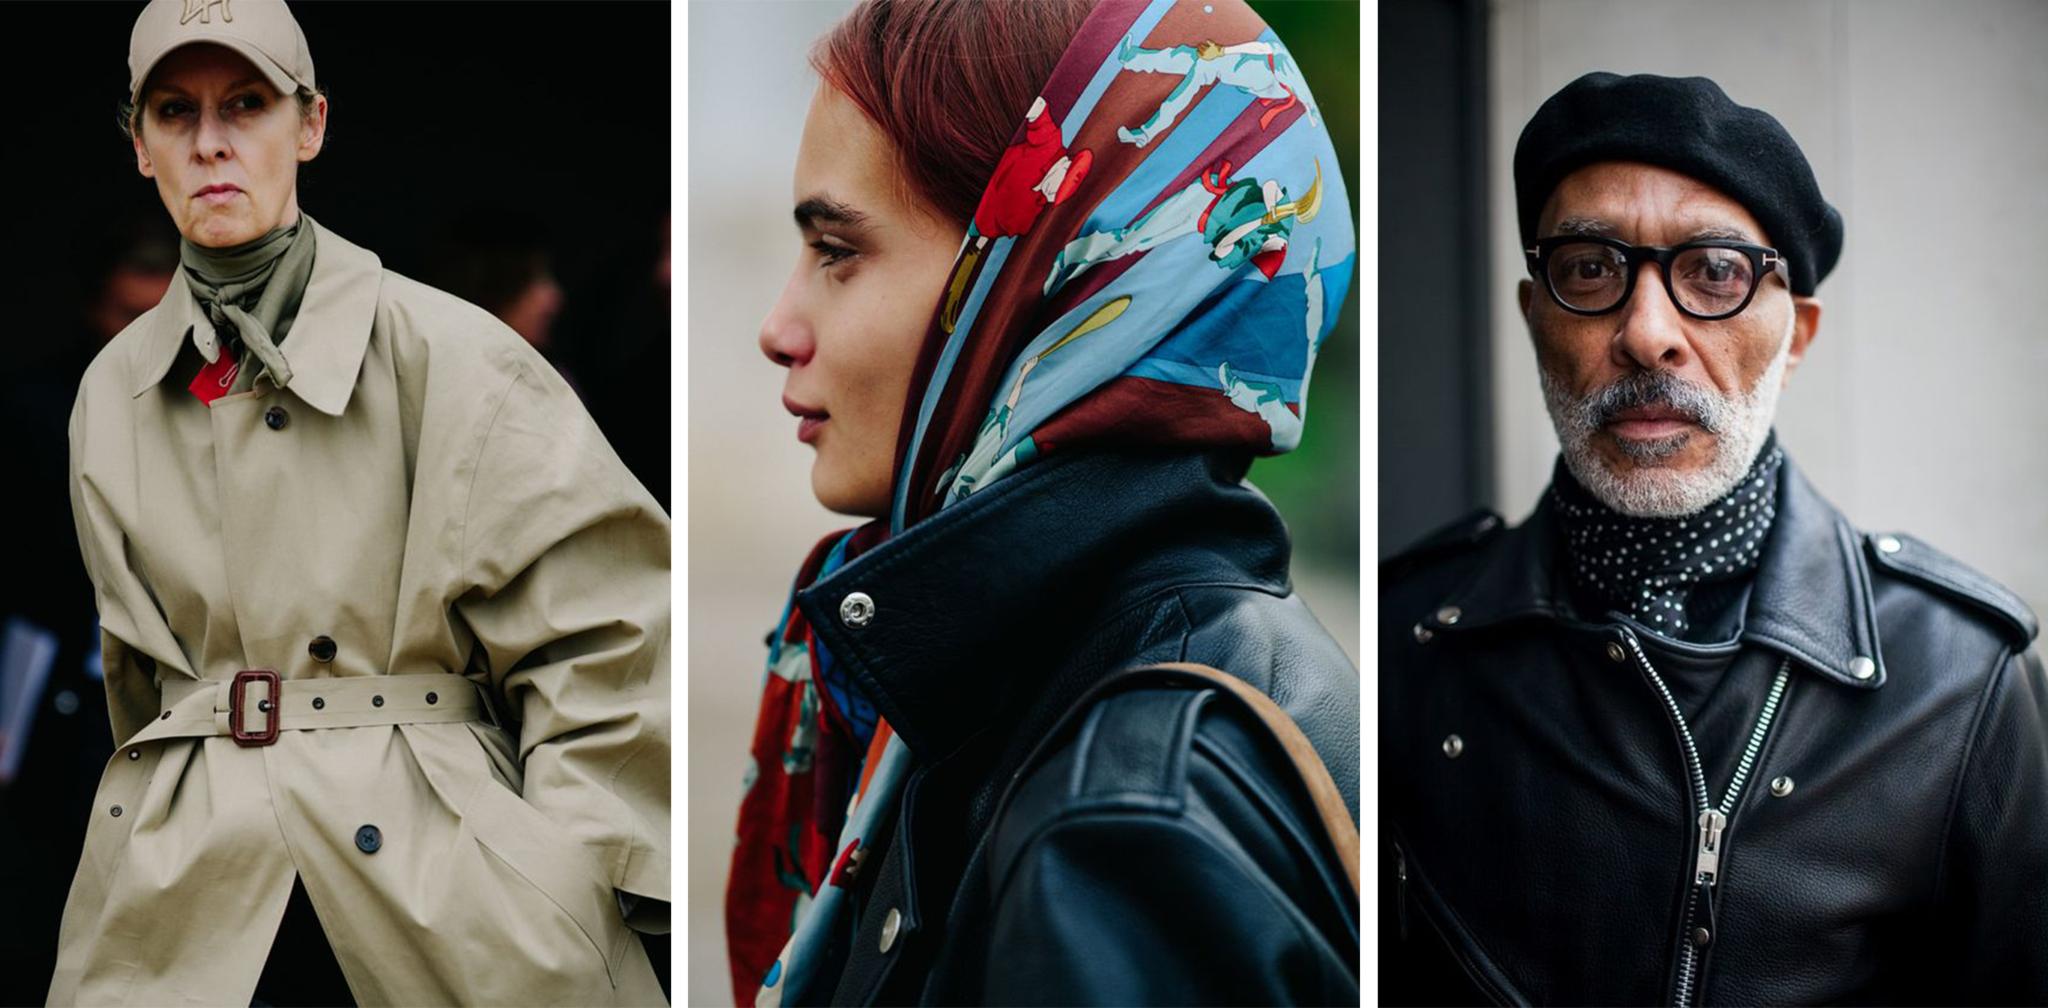 Tendances mode femme 2020/2021.